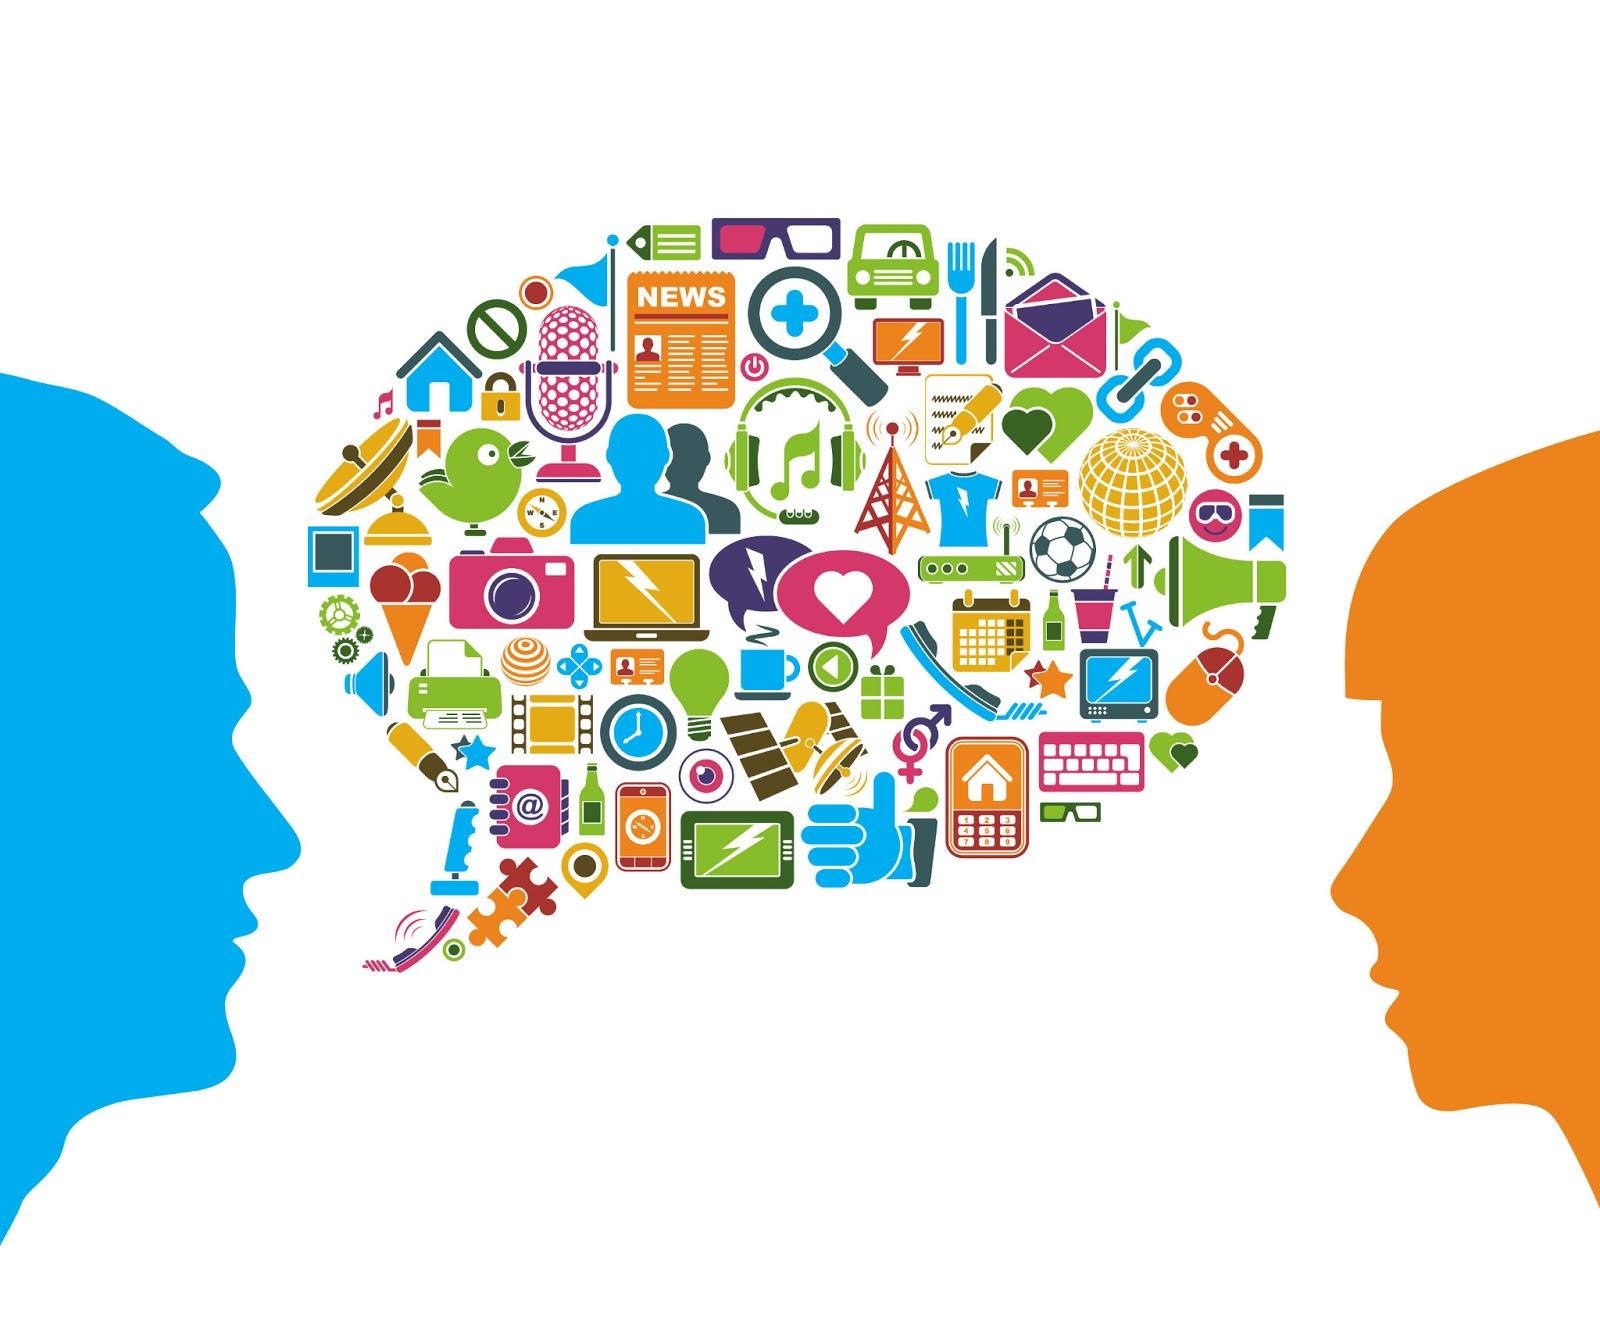 Коммуникационный дизайн